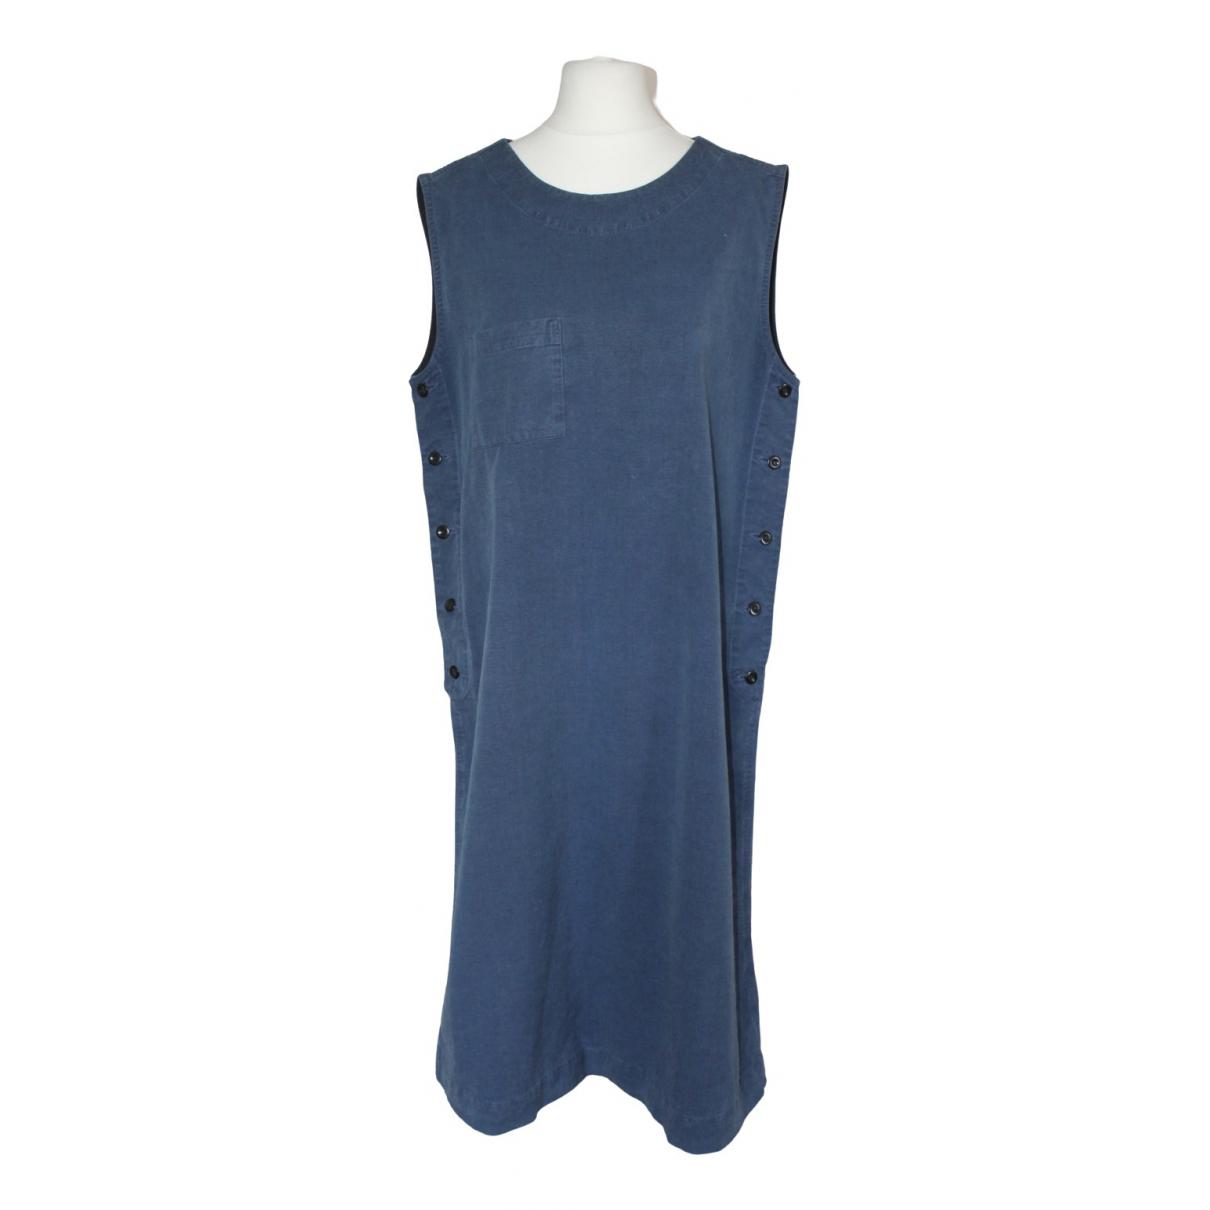 Margaret Howell \N Blue Cotton dress for Women M International